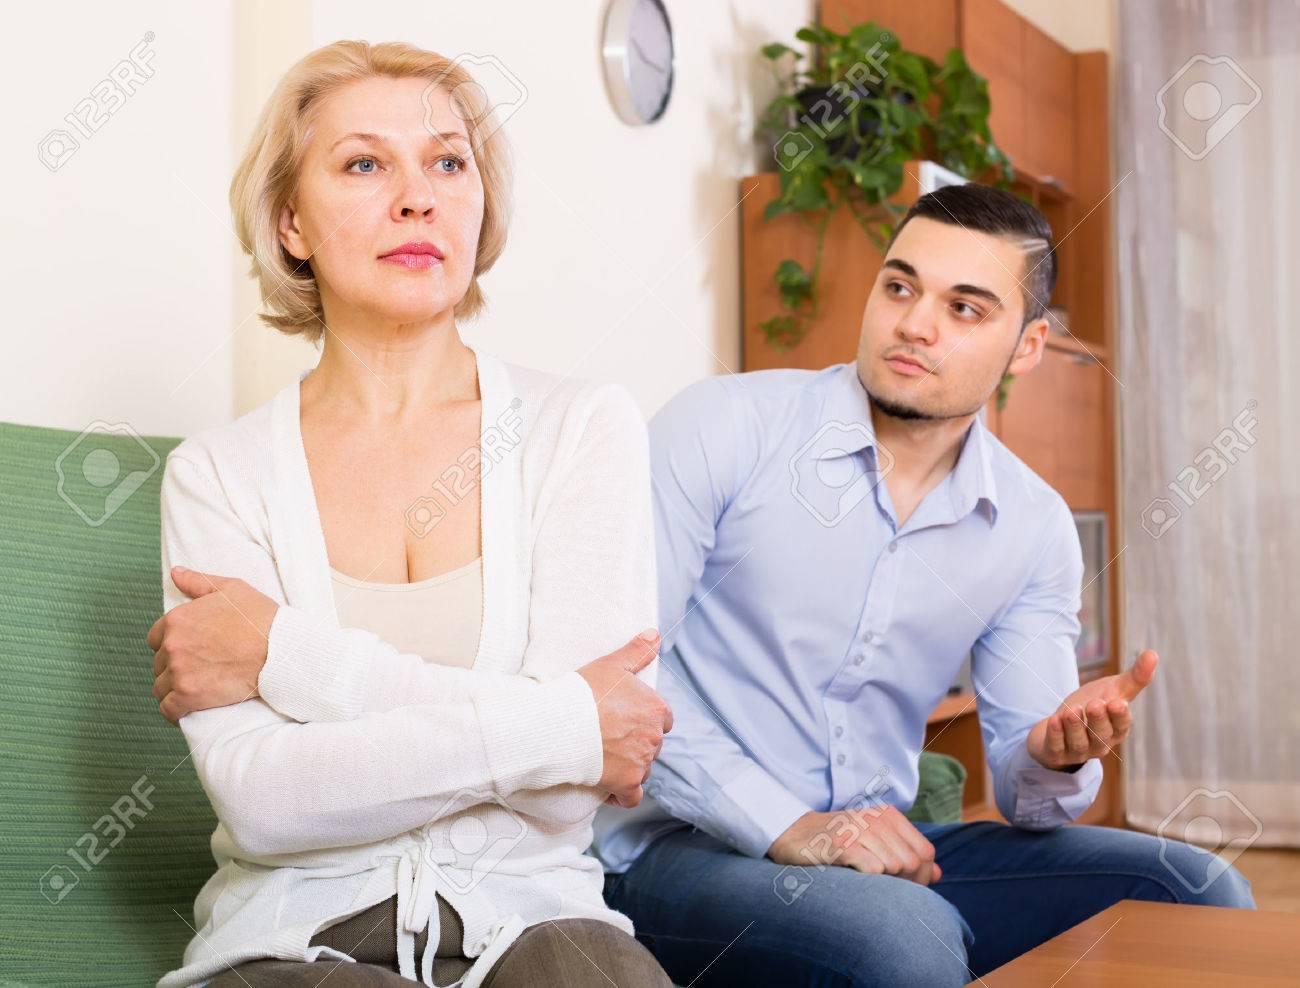 Сын трахает родную мать в жопу, Как сын трахает маму уникальное видео в качестве HD 15 фотография